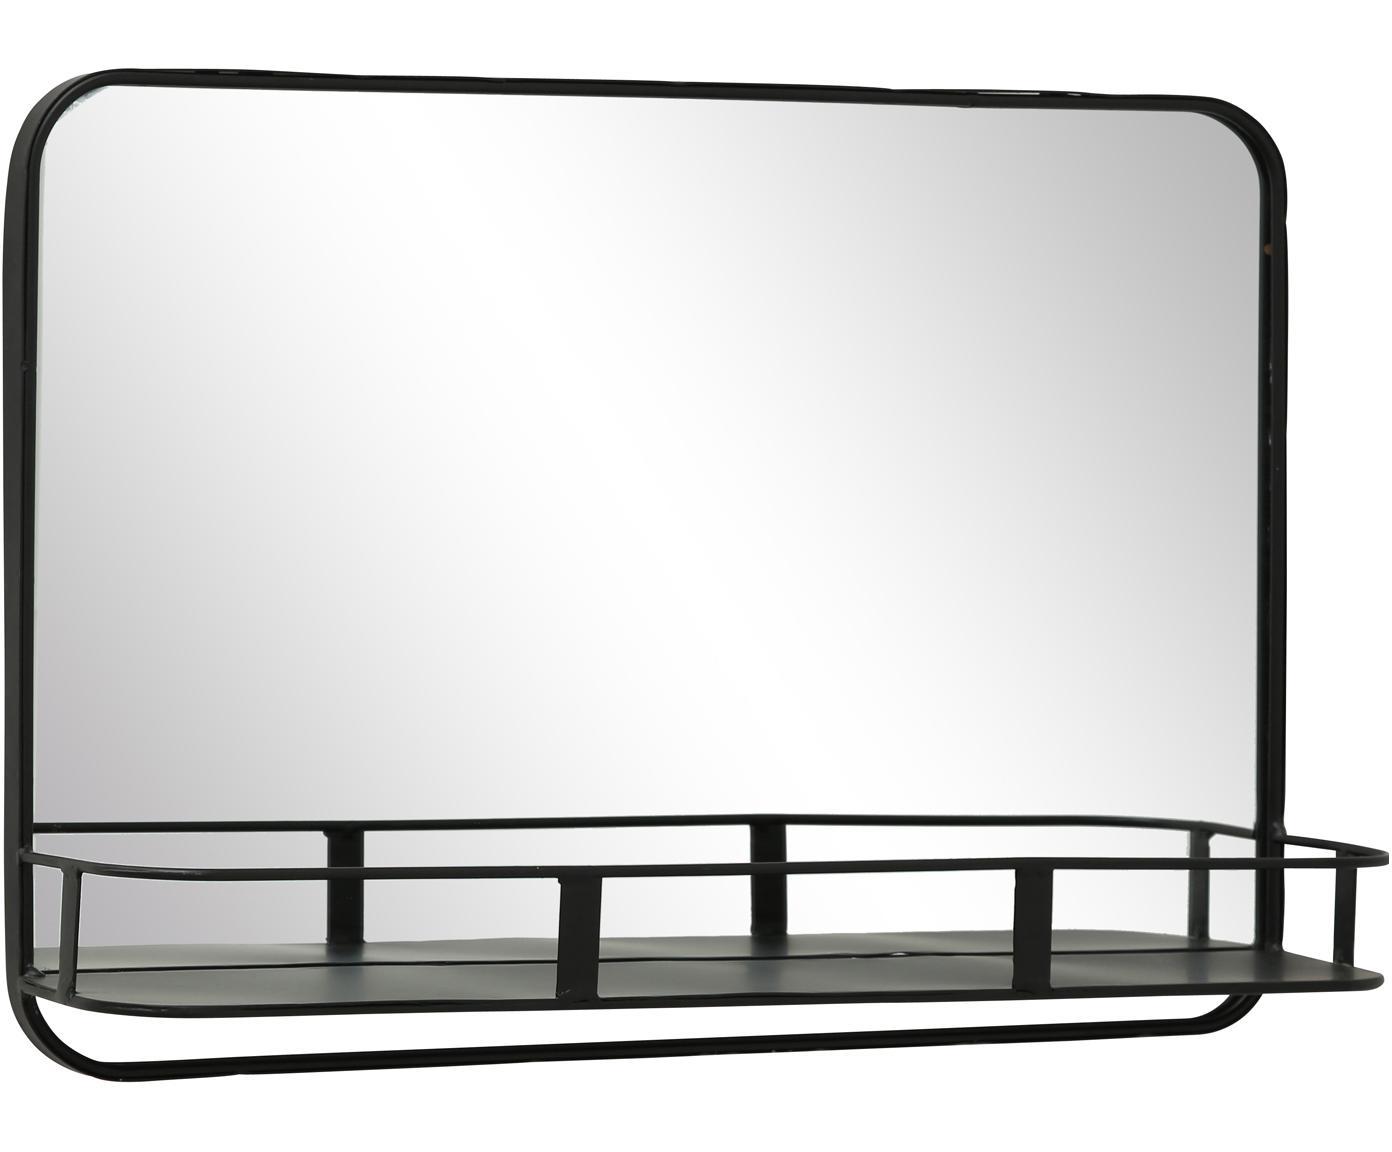 Specchio da parete con cornice in metallo Meno, Metallo, lastra di vetro, Nero, Larg. 50 x Alt. 35 cm